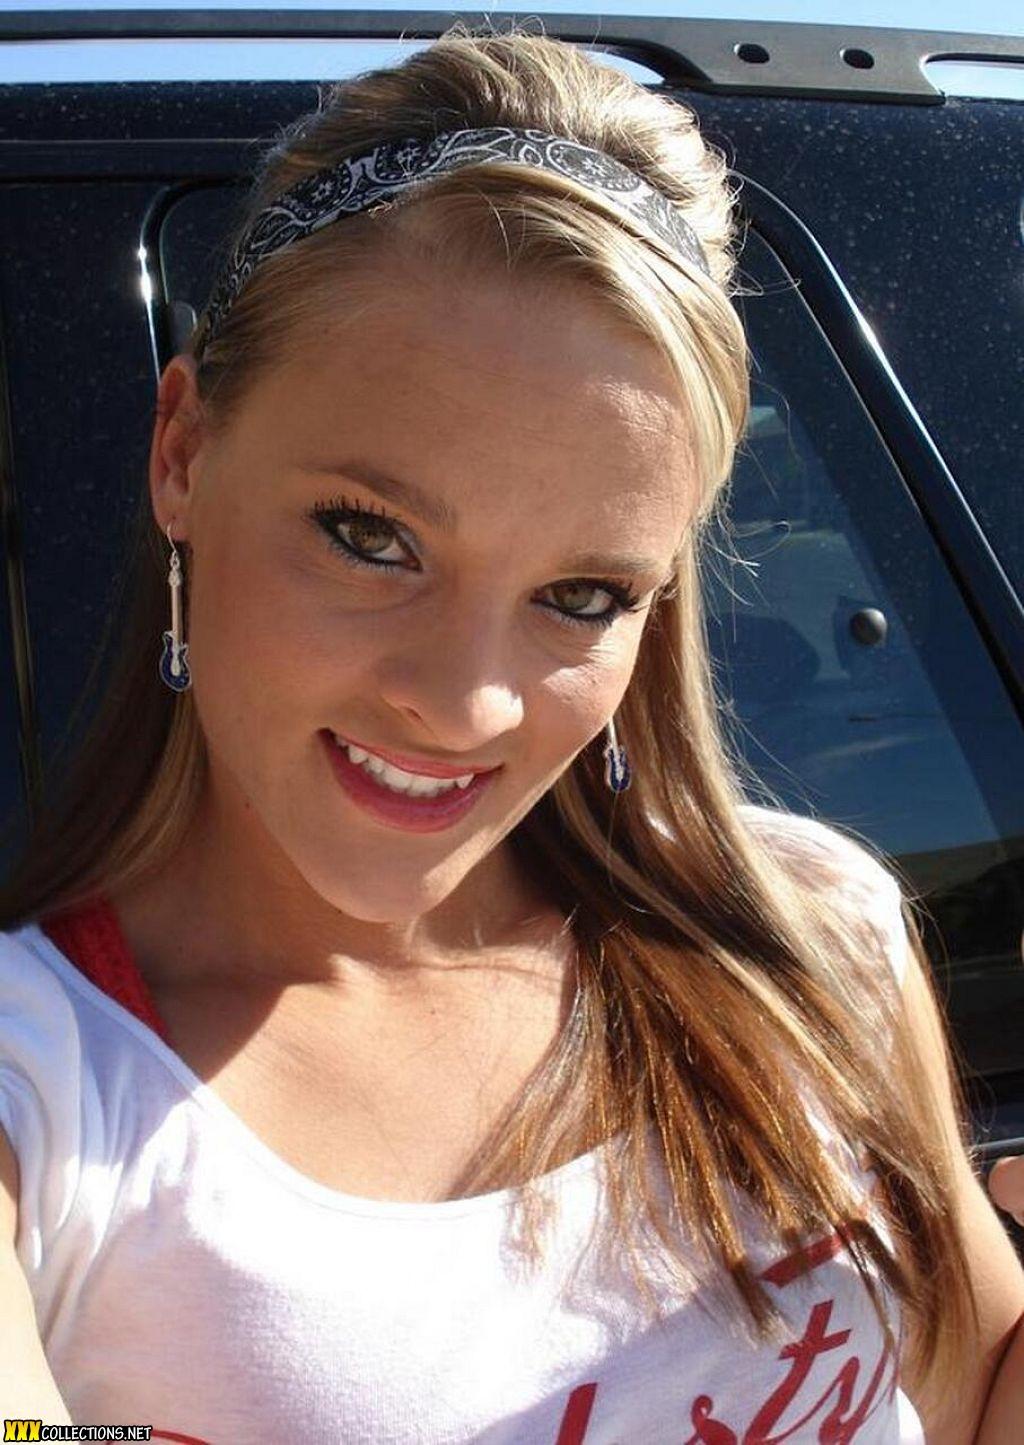 MILF'_4 amateur non nude pics pretty girl